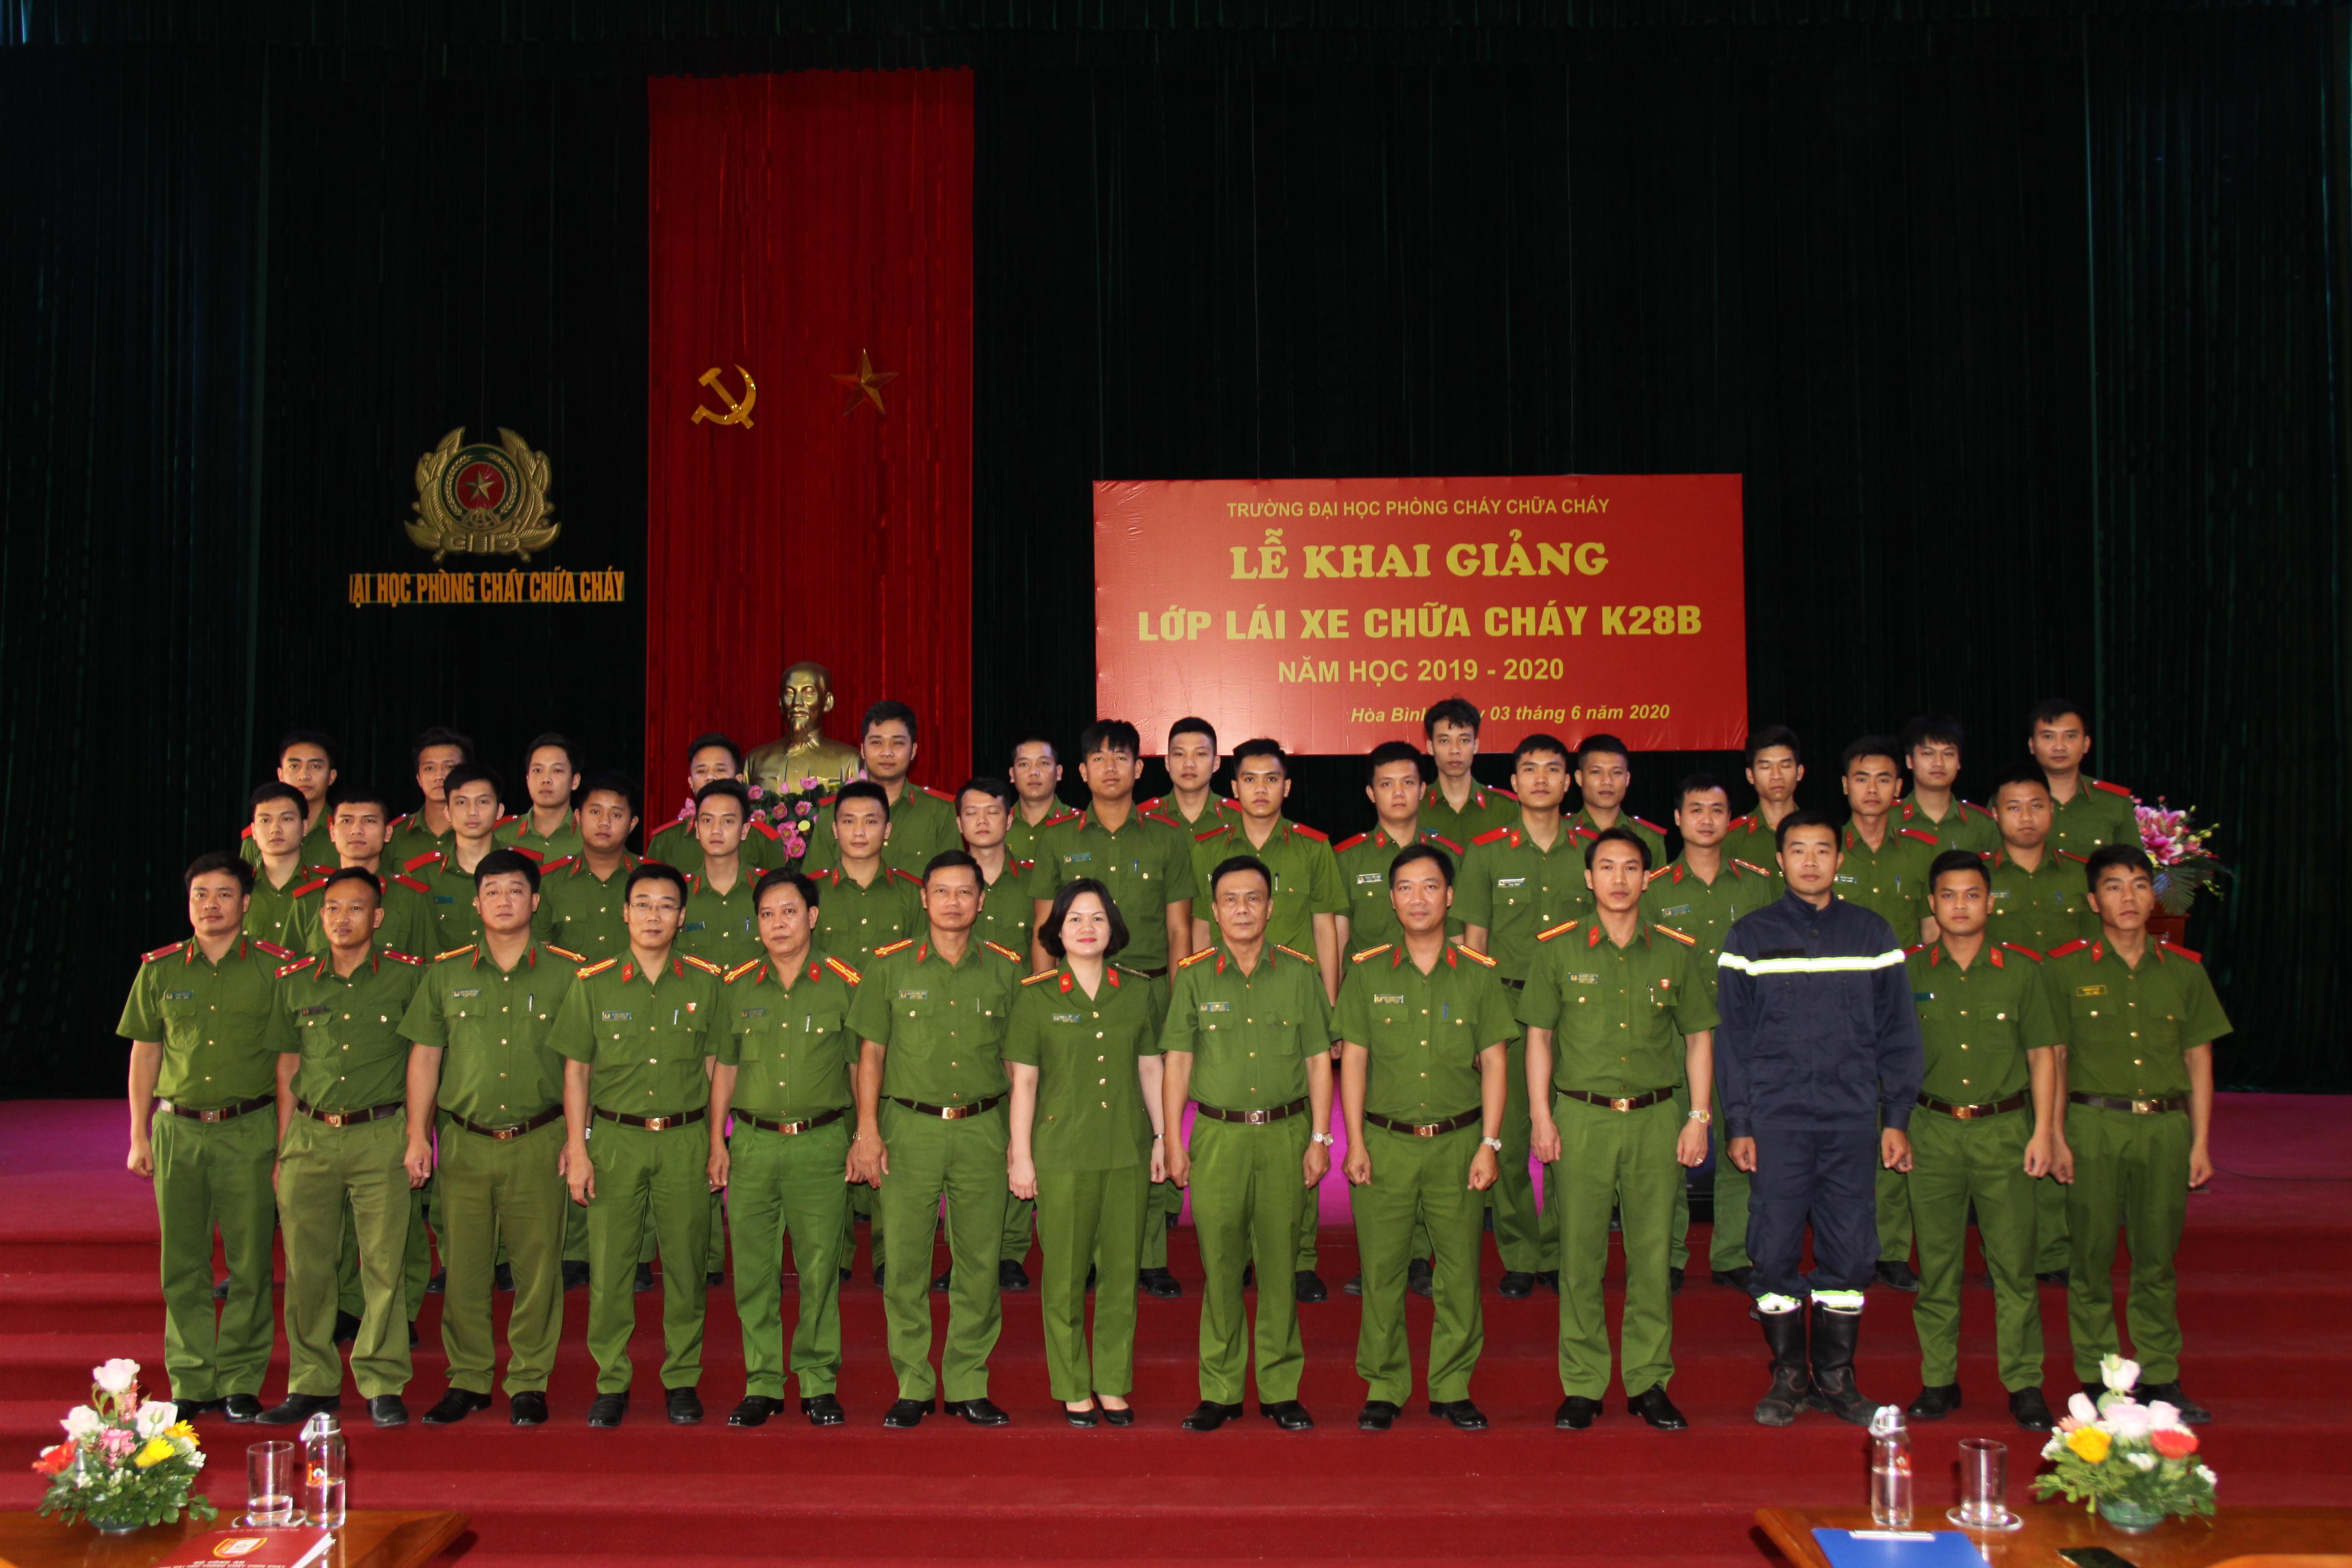 Lễ khai giảng lớp Lái xe chữa cháy K28B